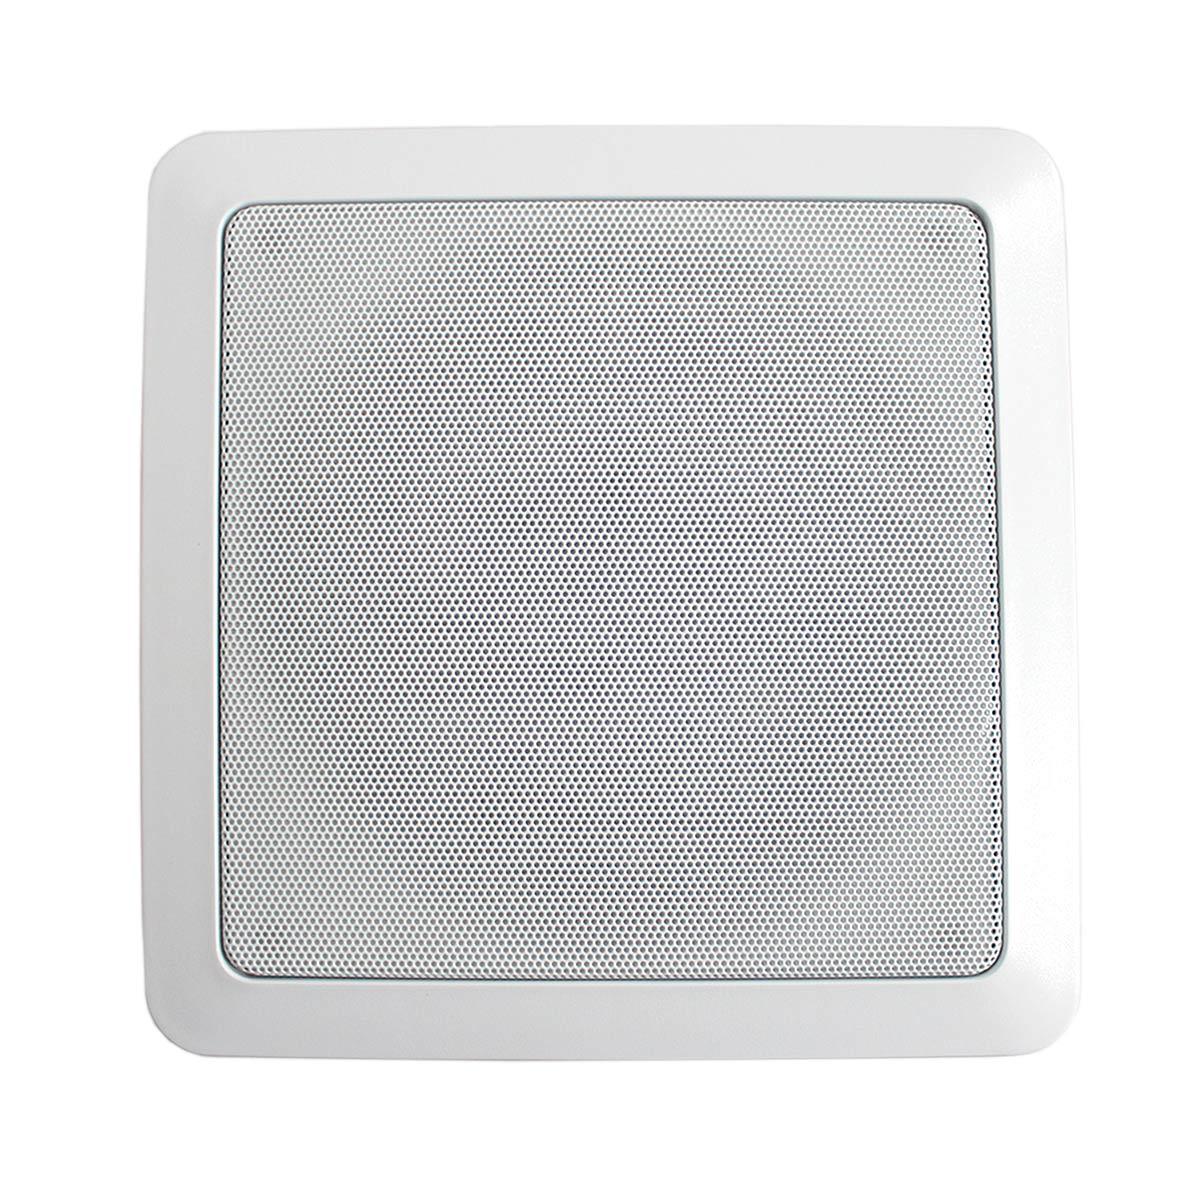 Arandela Coaxial Quadrada Fal 6 Pol 100W - AQ 6 HT Natts